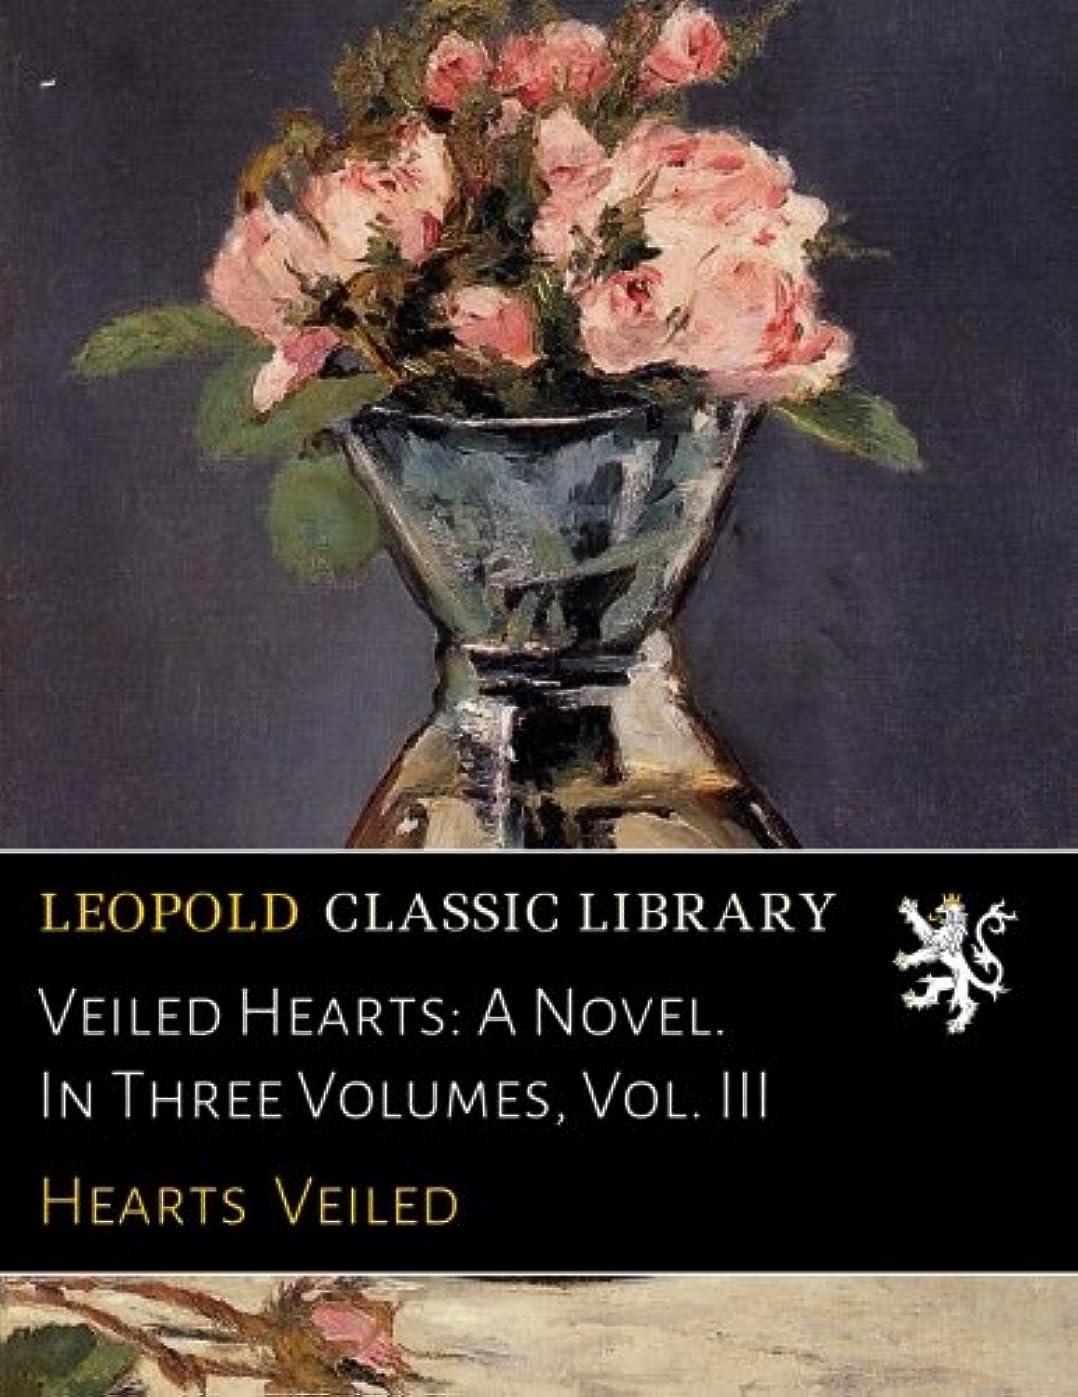 いらいらさせる花束願うVeiled Hearts: A Novel. In Three Volumes, Vol. III